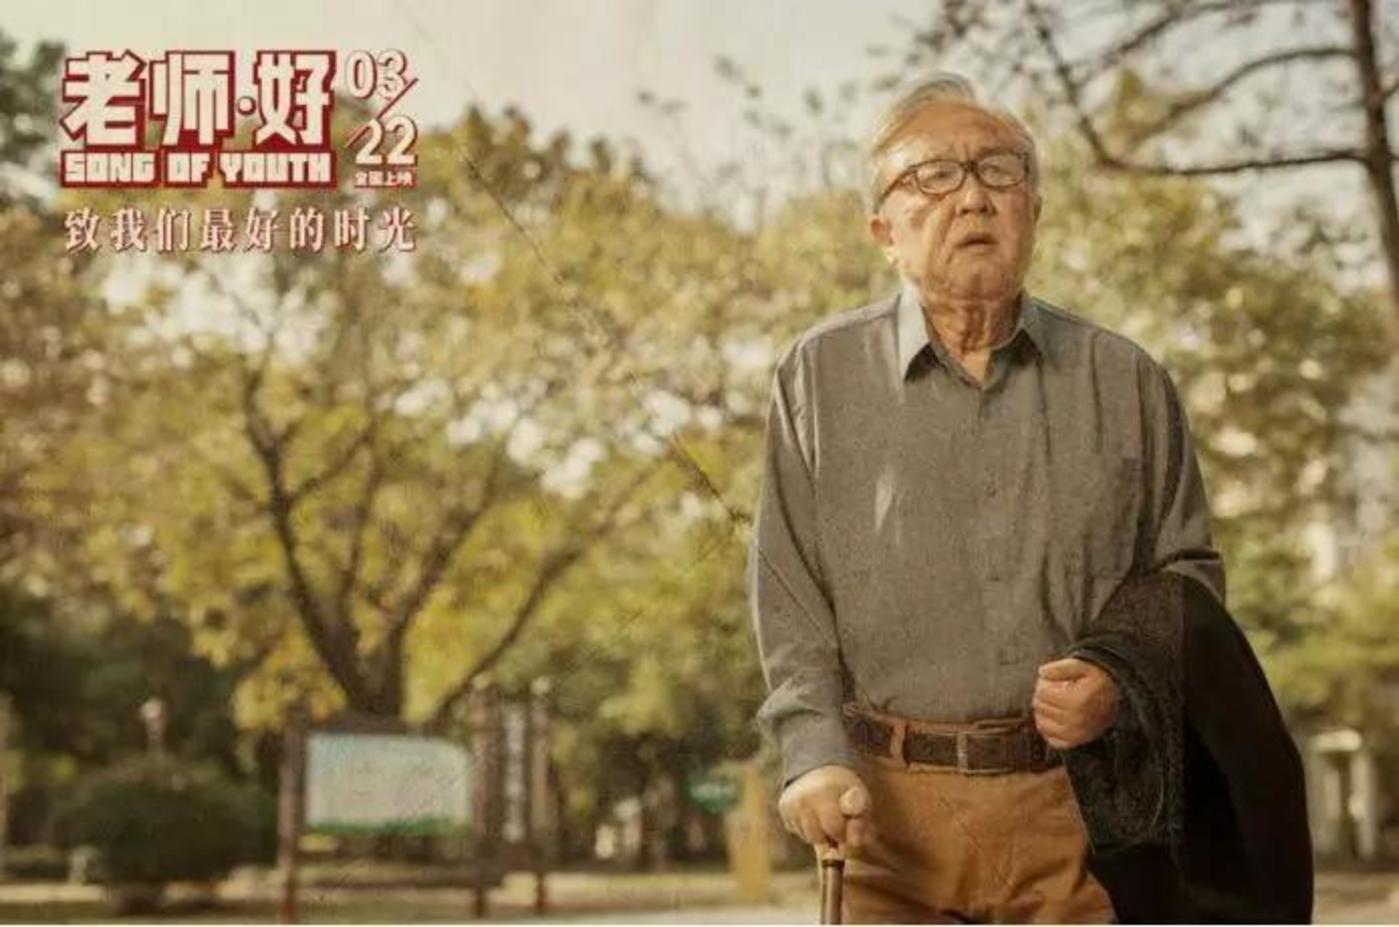 有黑马、有逆袭,中国电影才有信心跨过寒冬